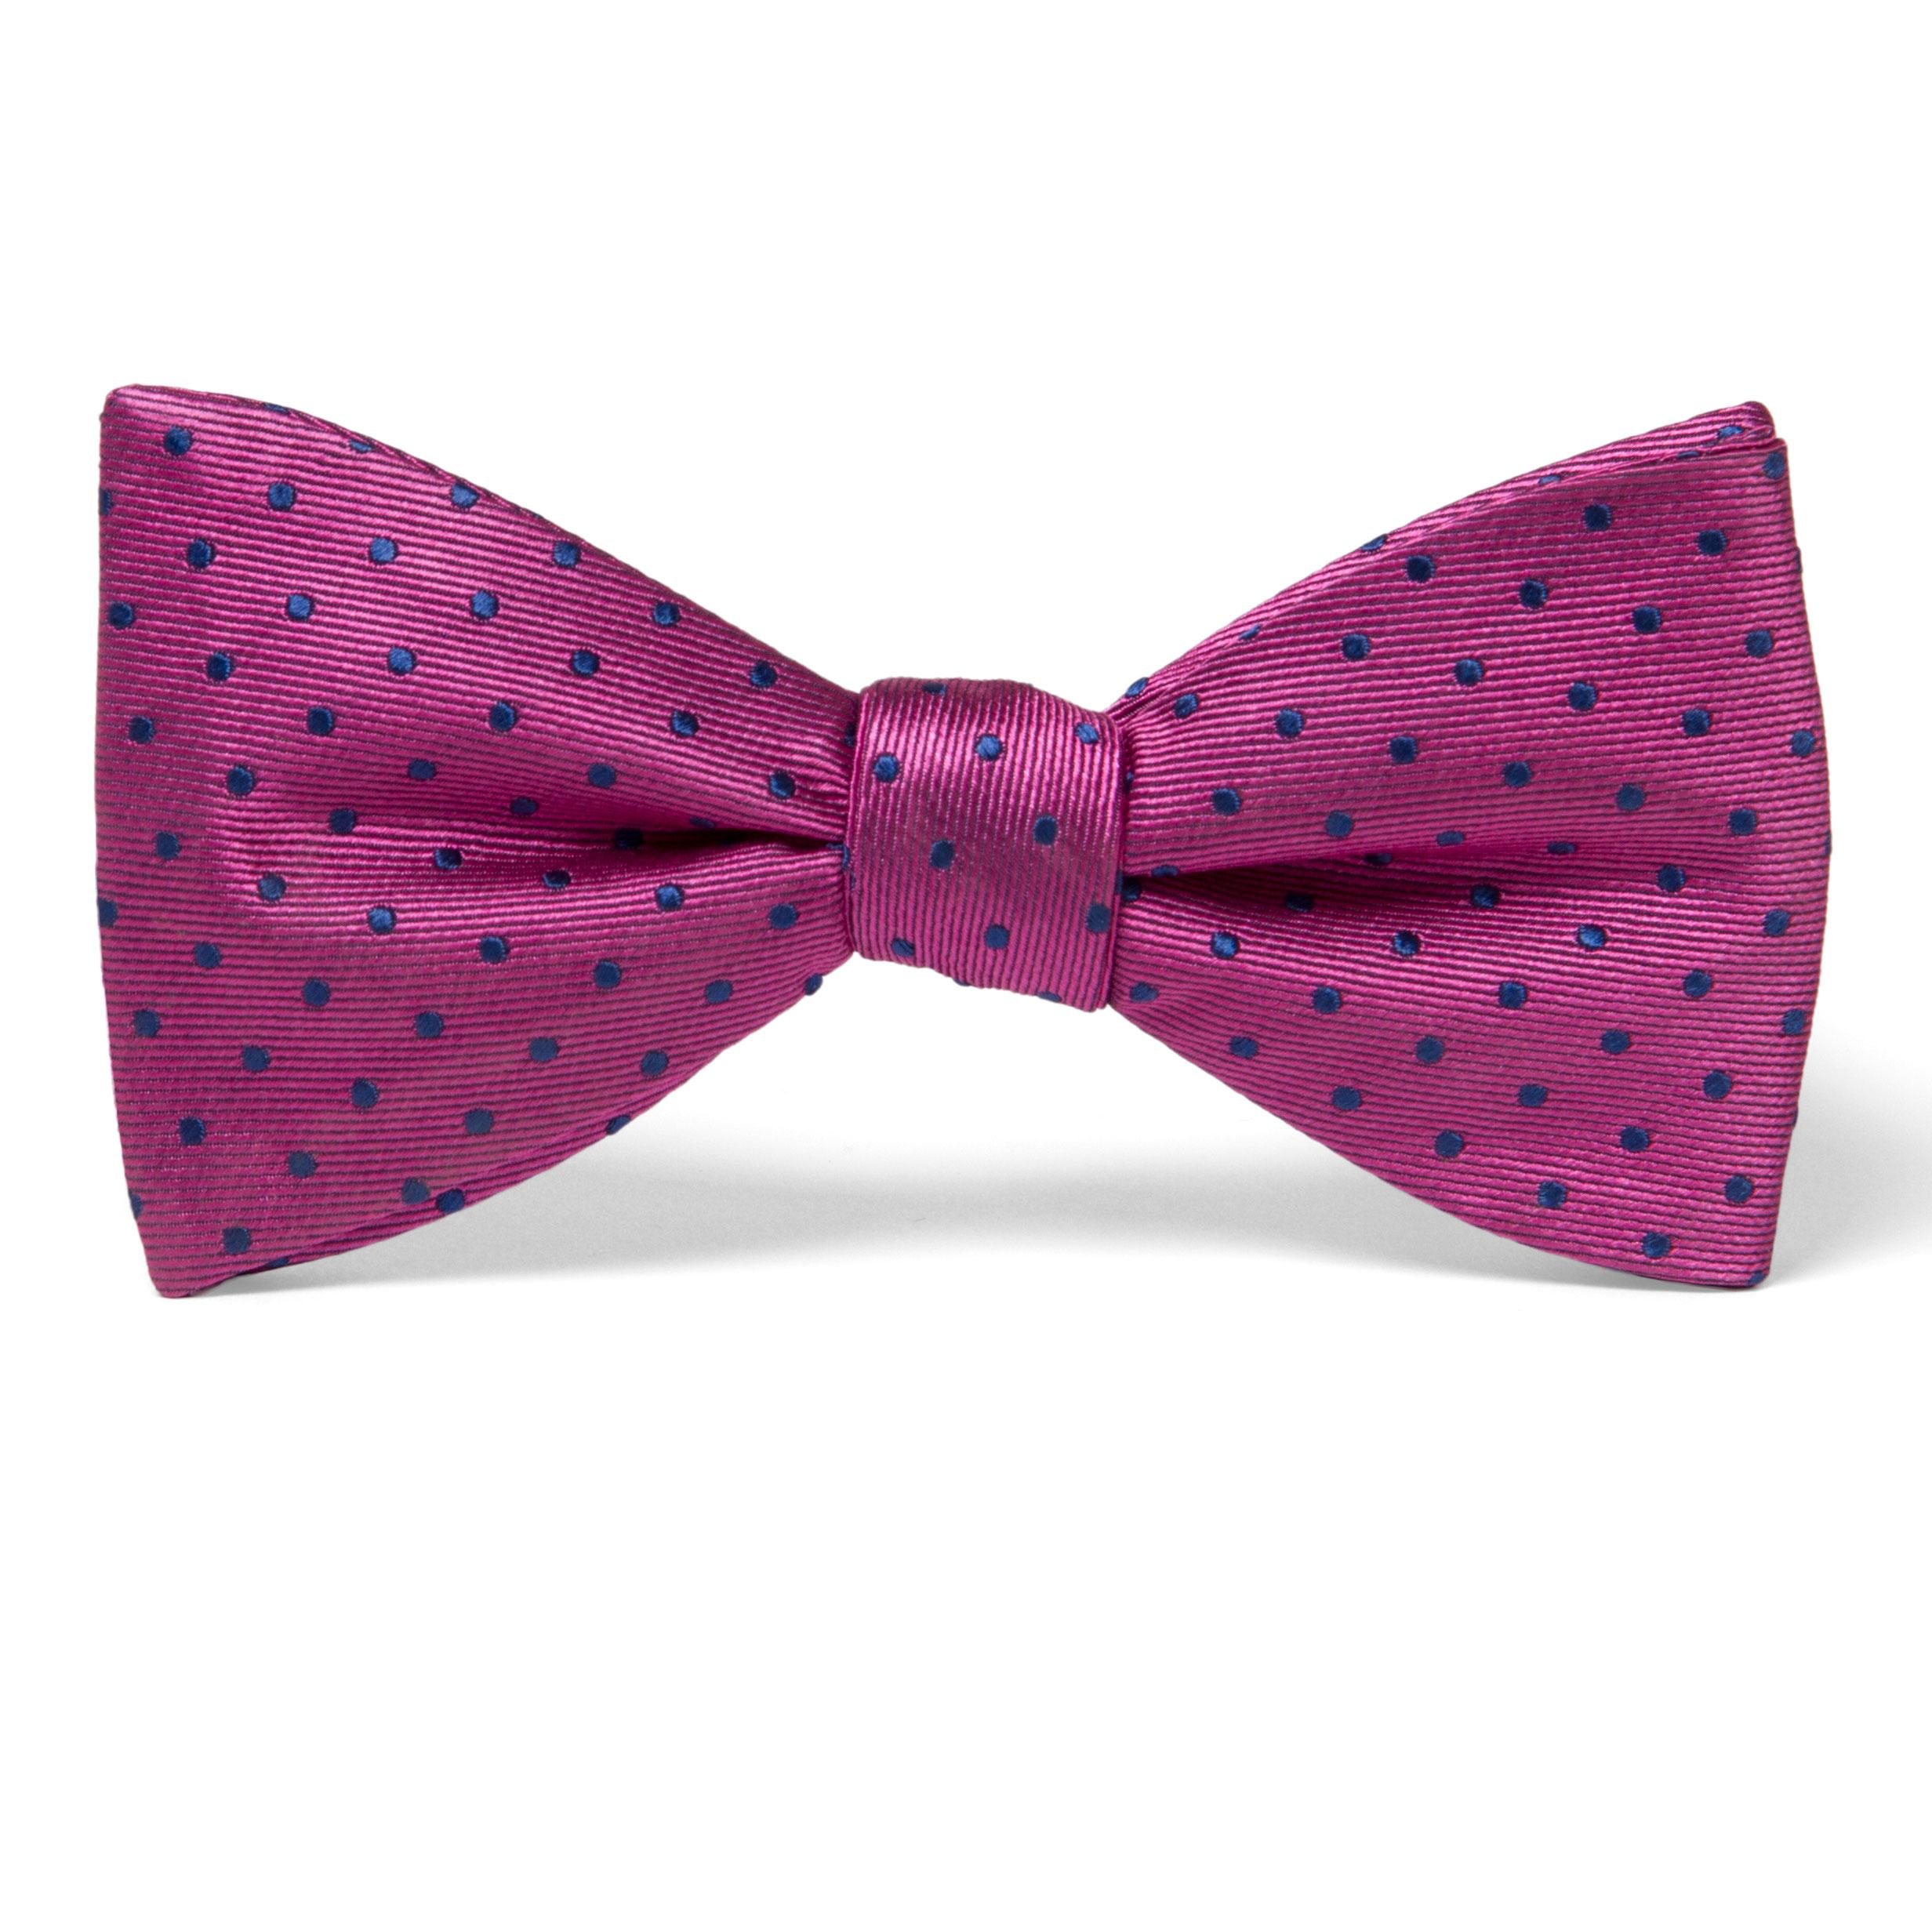 Fliege-Pink-Blau-Gepunktet-bopfru13usx00-1